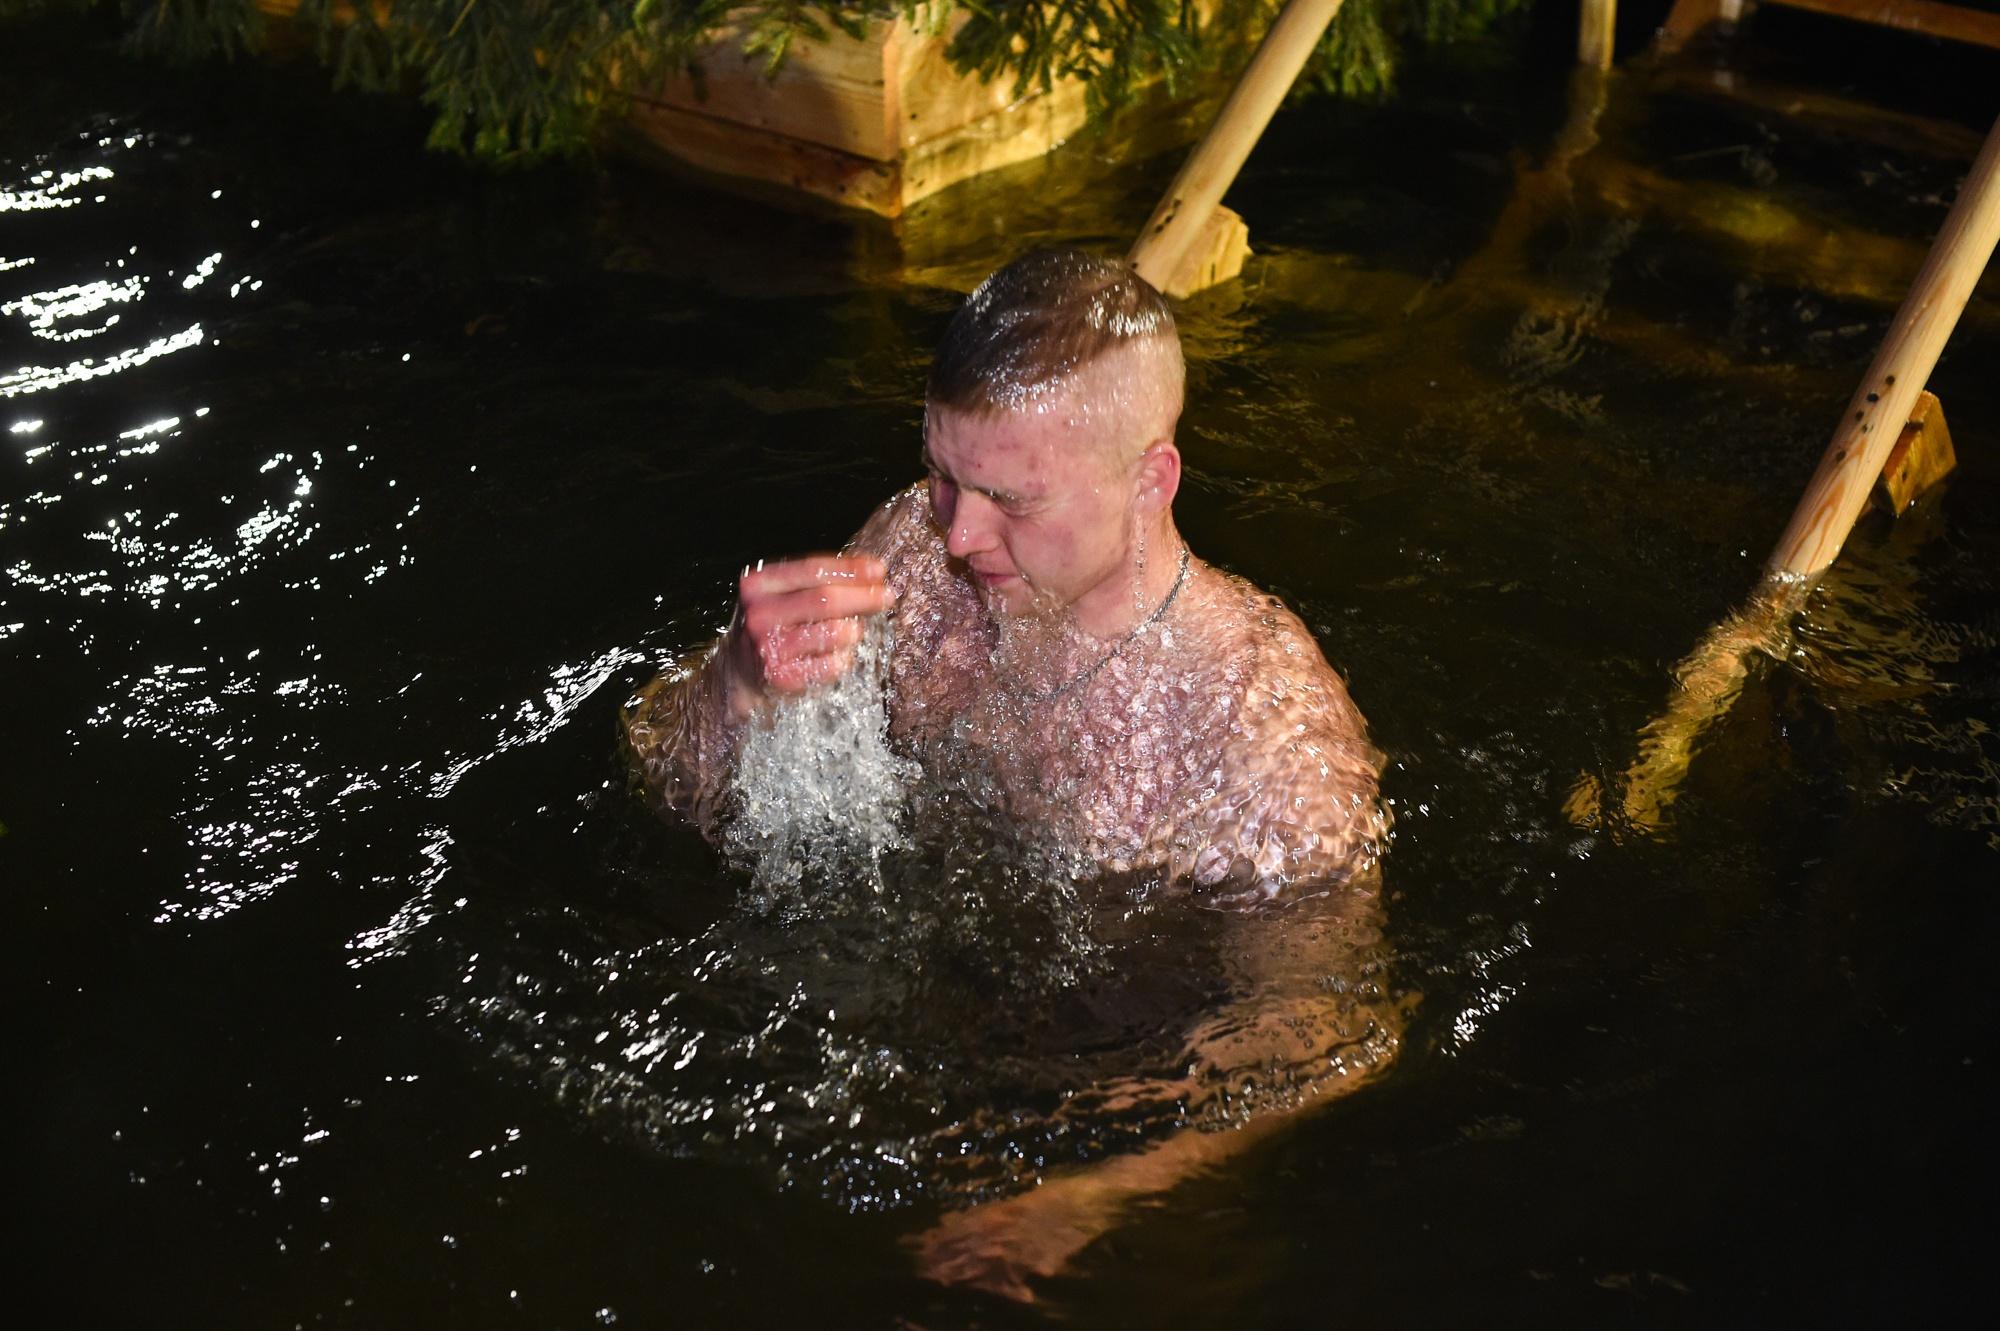 Военнослужащие отдельного полка связи ВДВ и их семьи совершили  омовение в специально оборудованной купели на Медвежьих озерах в Крещение Господне.